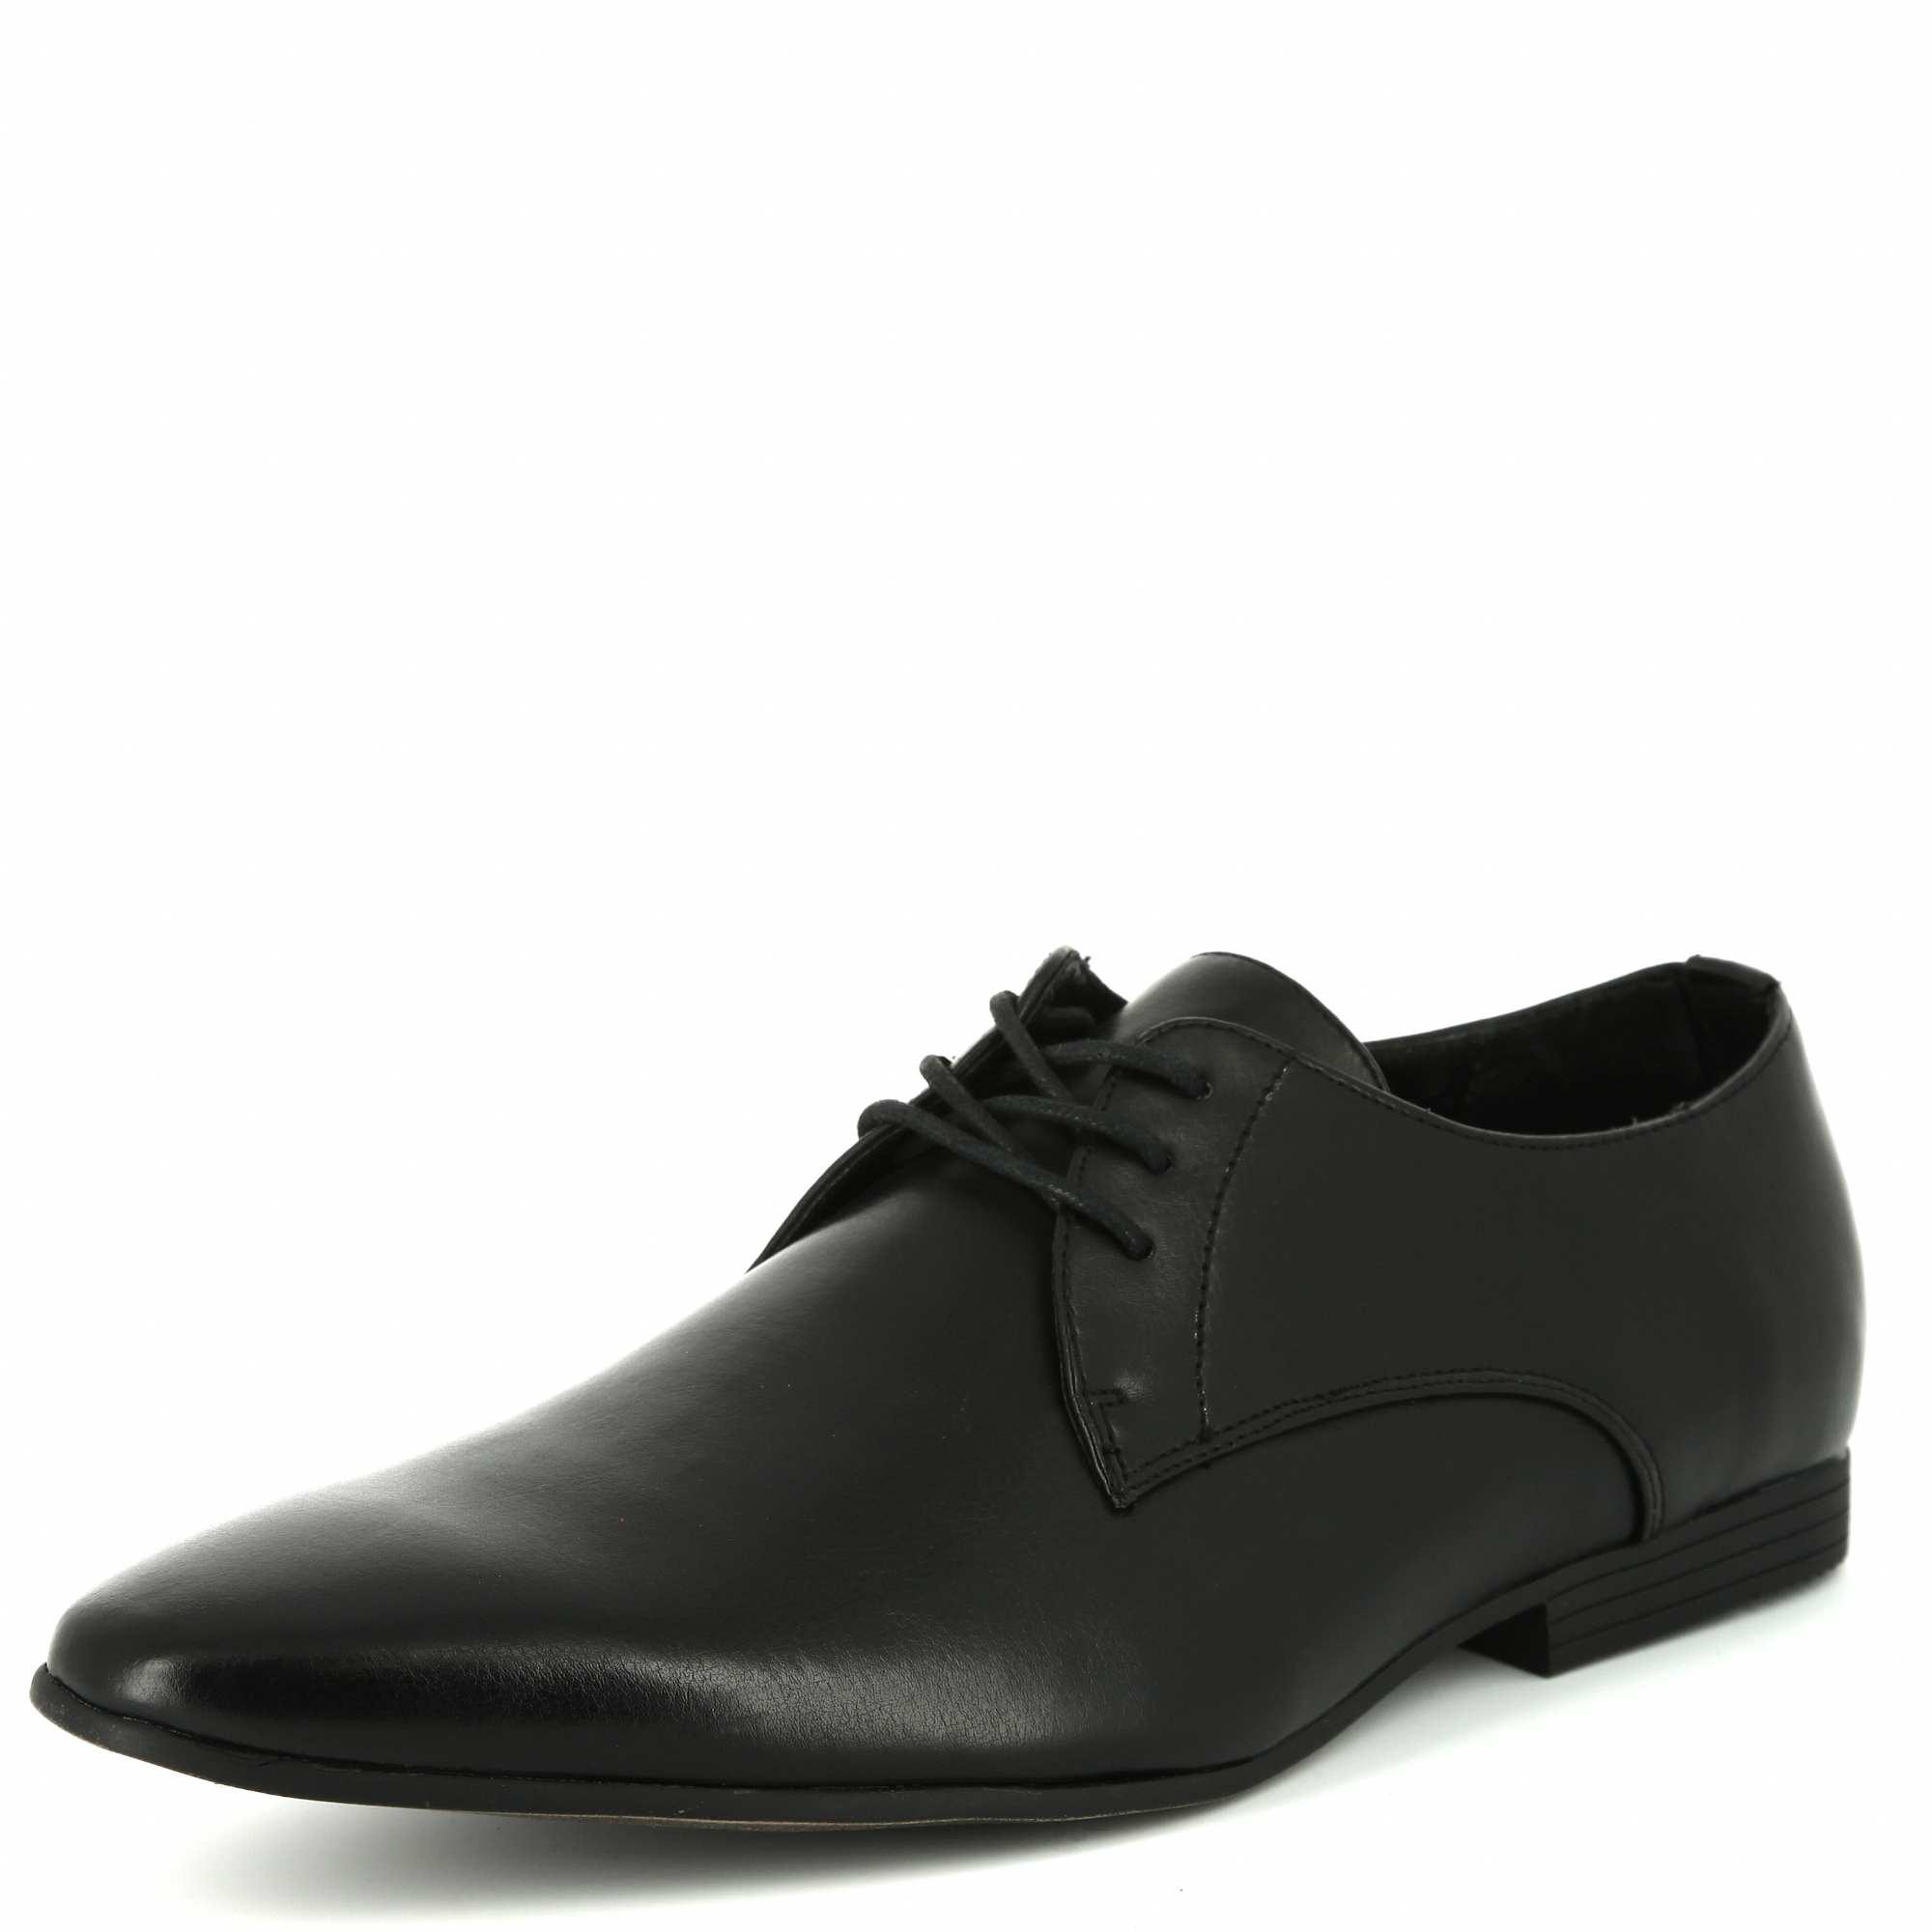 5691fcf5136353 Chaussures de ville Homme - noir - Kiabi - 28,00€